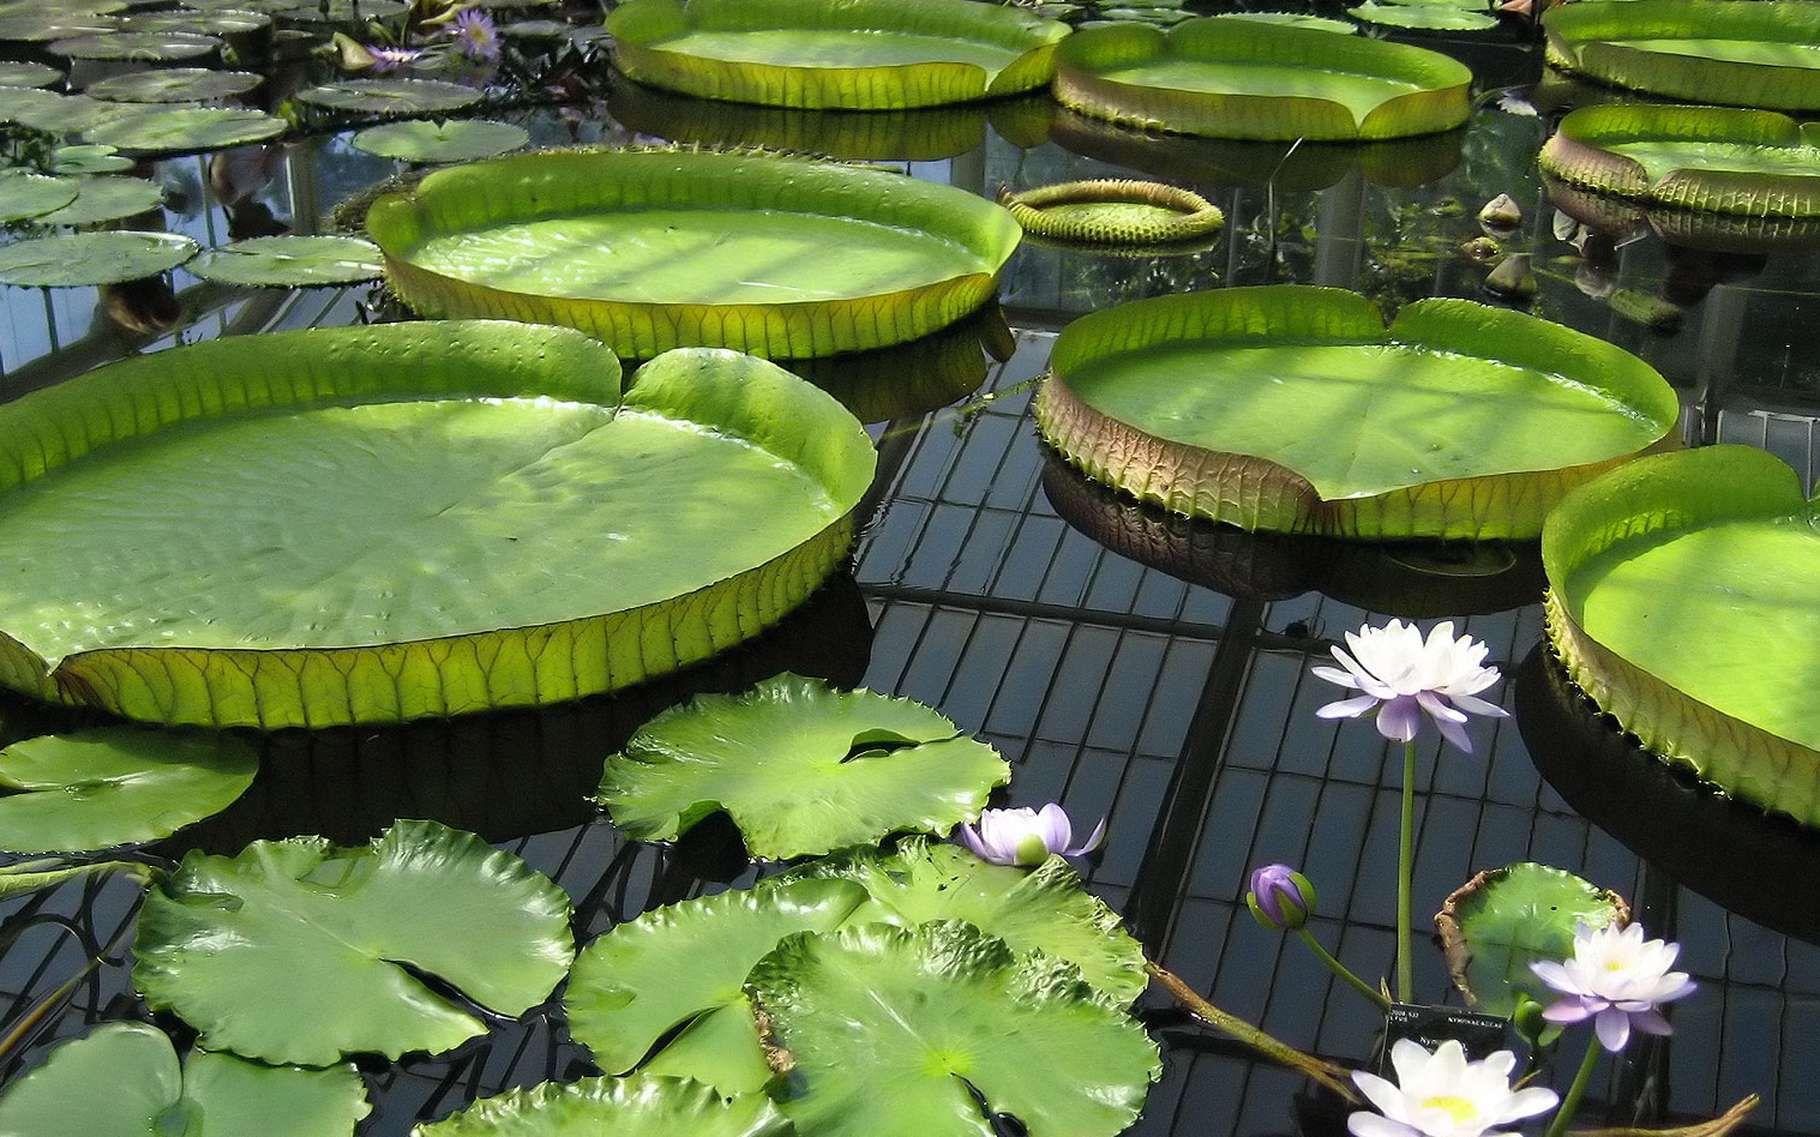 Bassin Préformé Hors Sol maintenir une eau de bassin limpide et pure | jardin